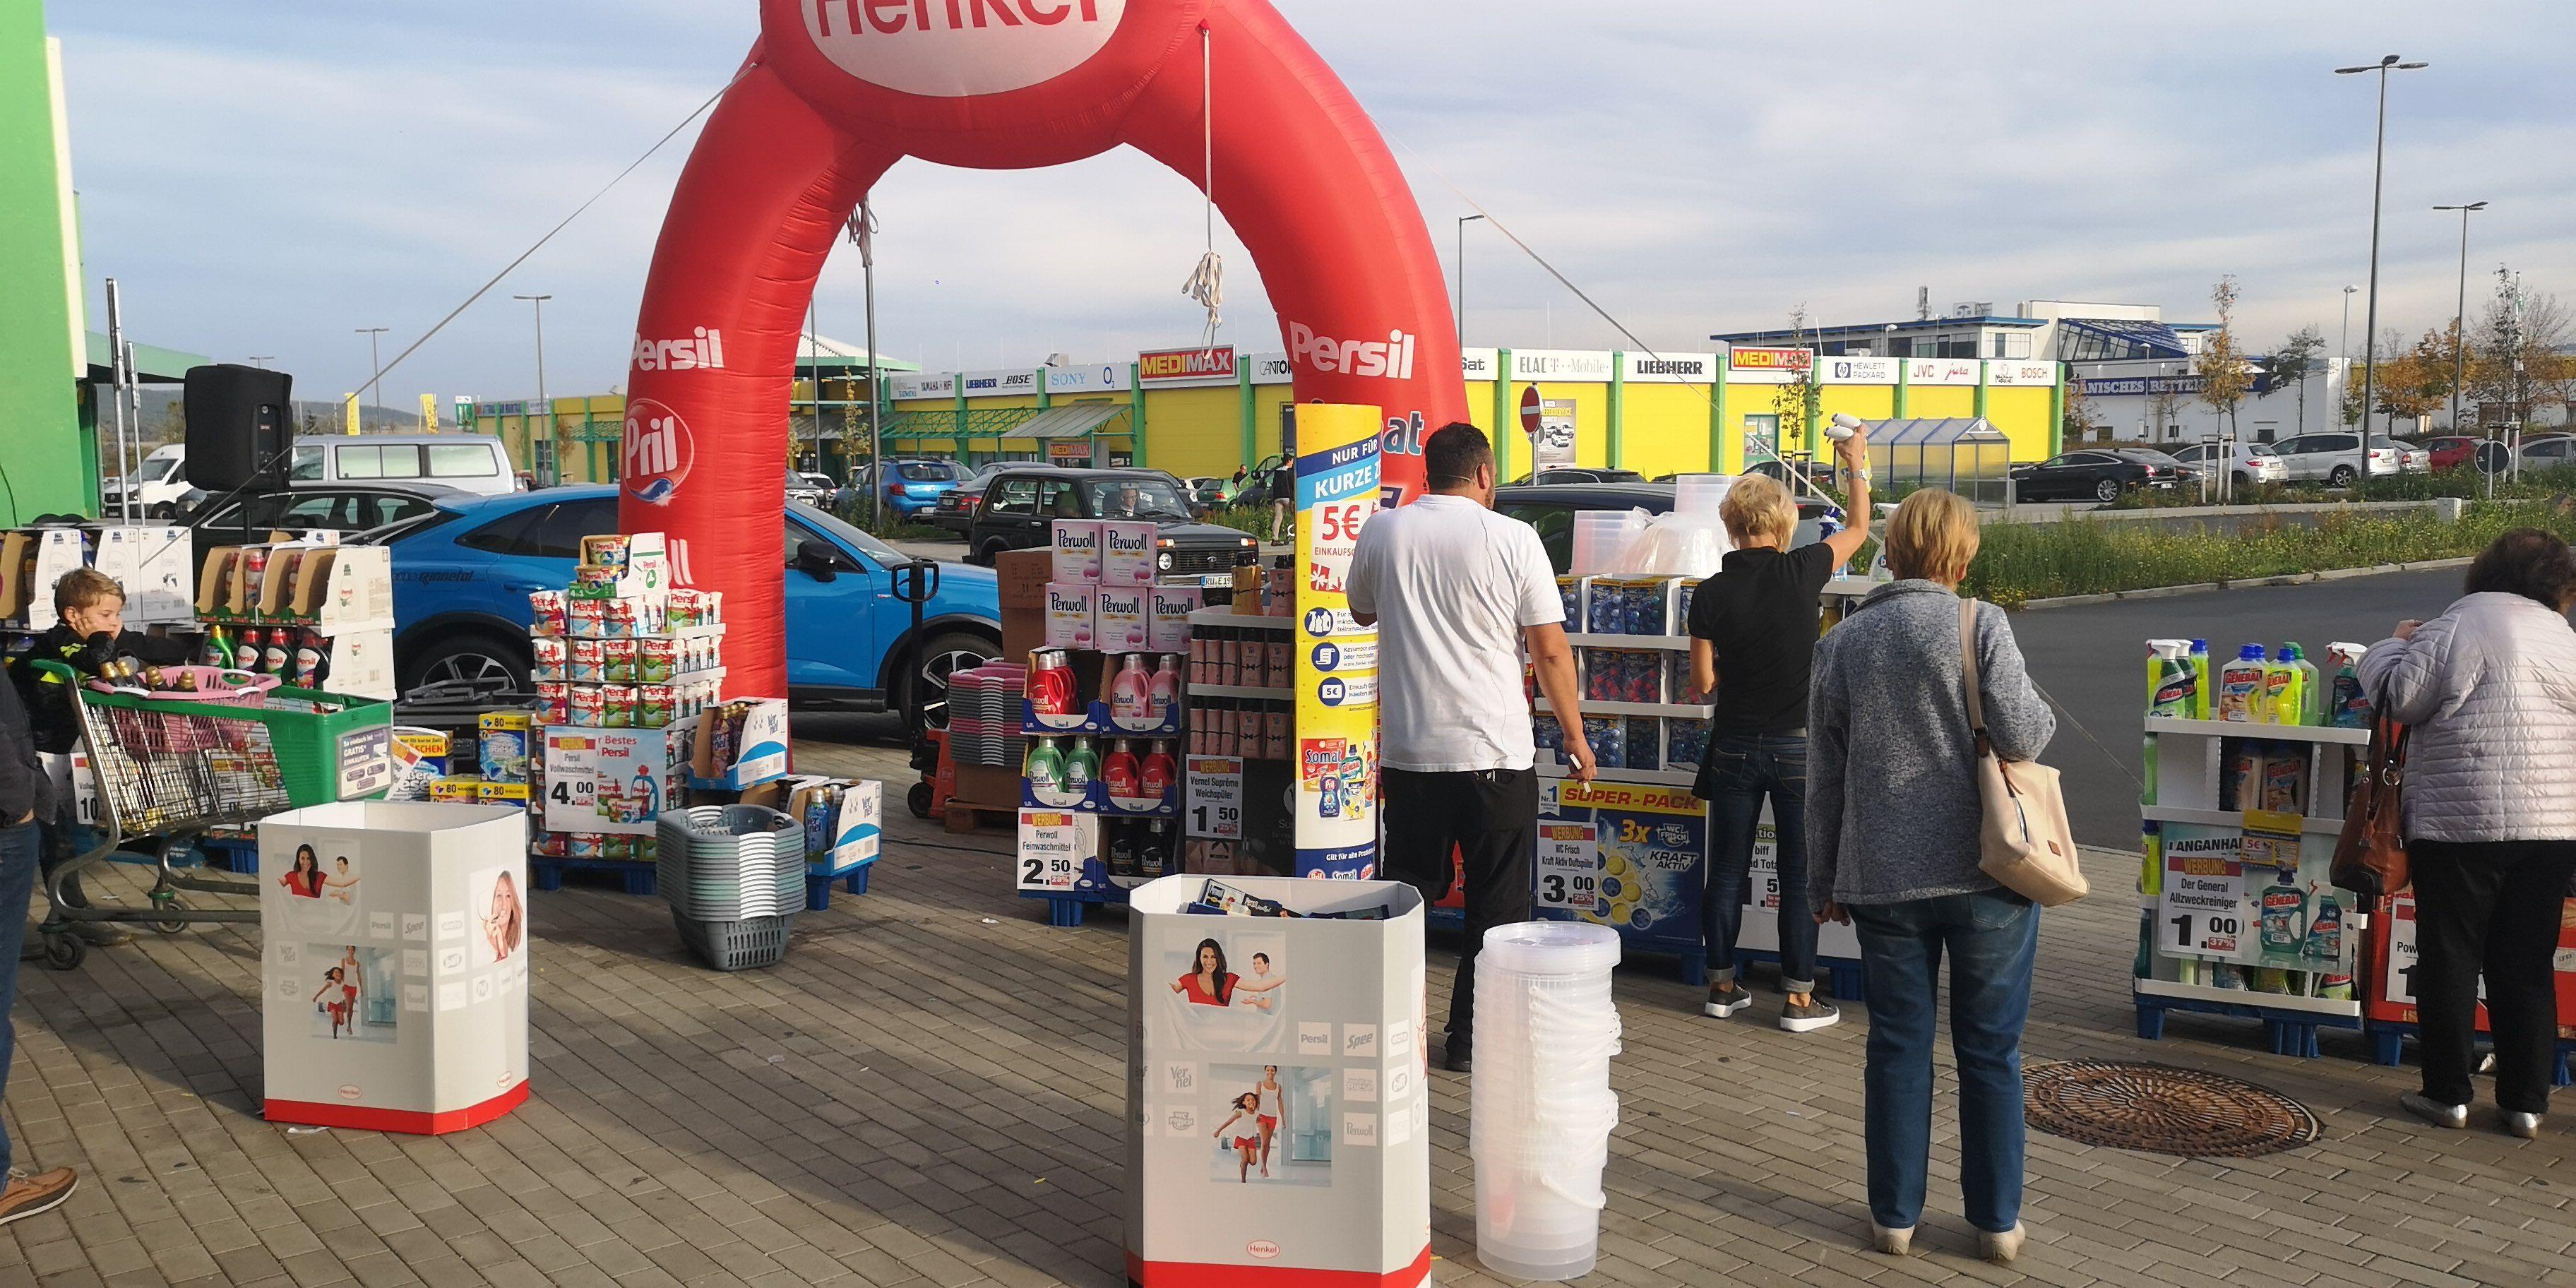 [Lokal Saalfeld 07318 vor Marktkauf] alle Reinigungs- & Waschmittel sämtlicher Art bis zu 50% reduziert (bei 10€ Einkauf sogar 75%)